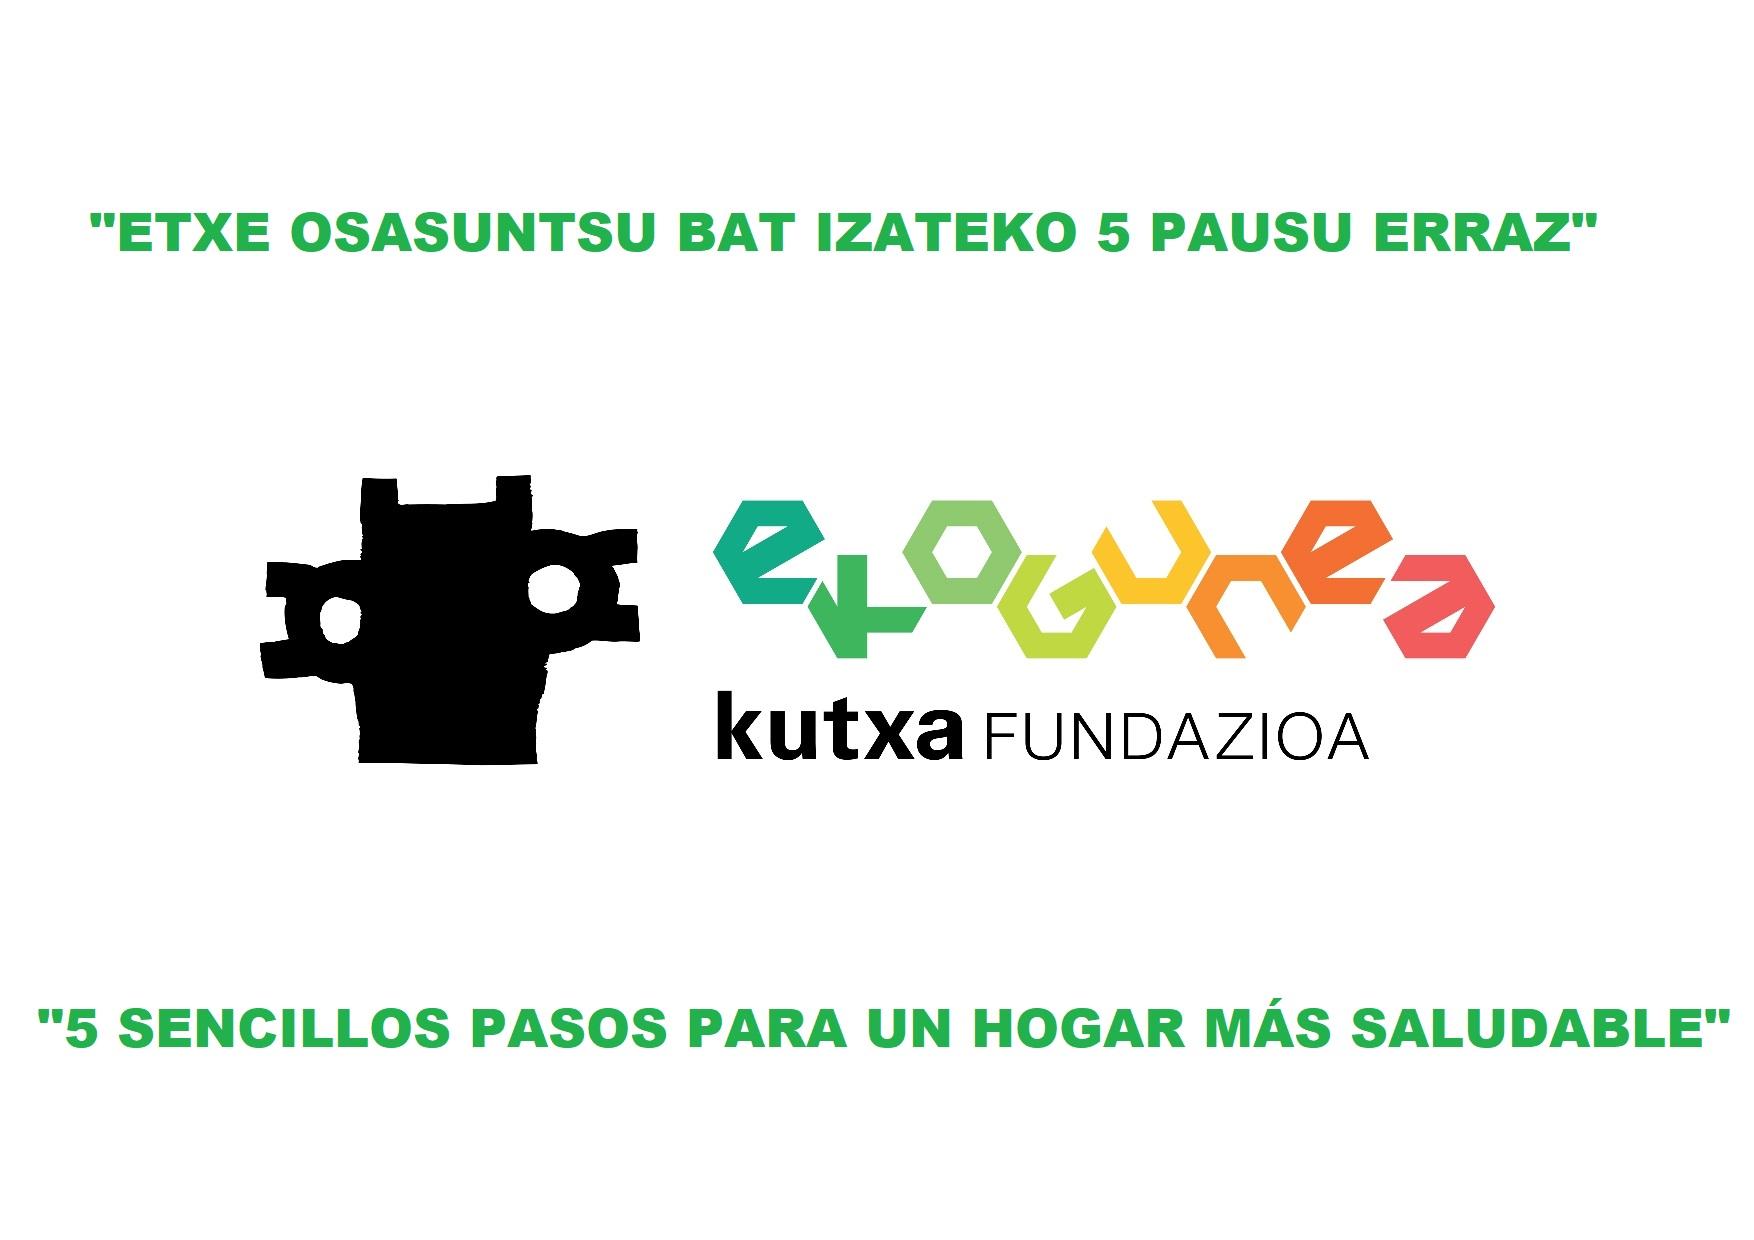 imagen noticia: impartimos-el-taller-5-sencillos-pasos-para-un-hogar-mas-saludable-en-kutxa-ekogunea